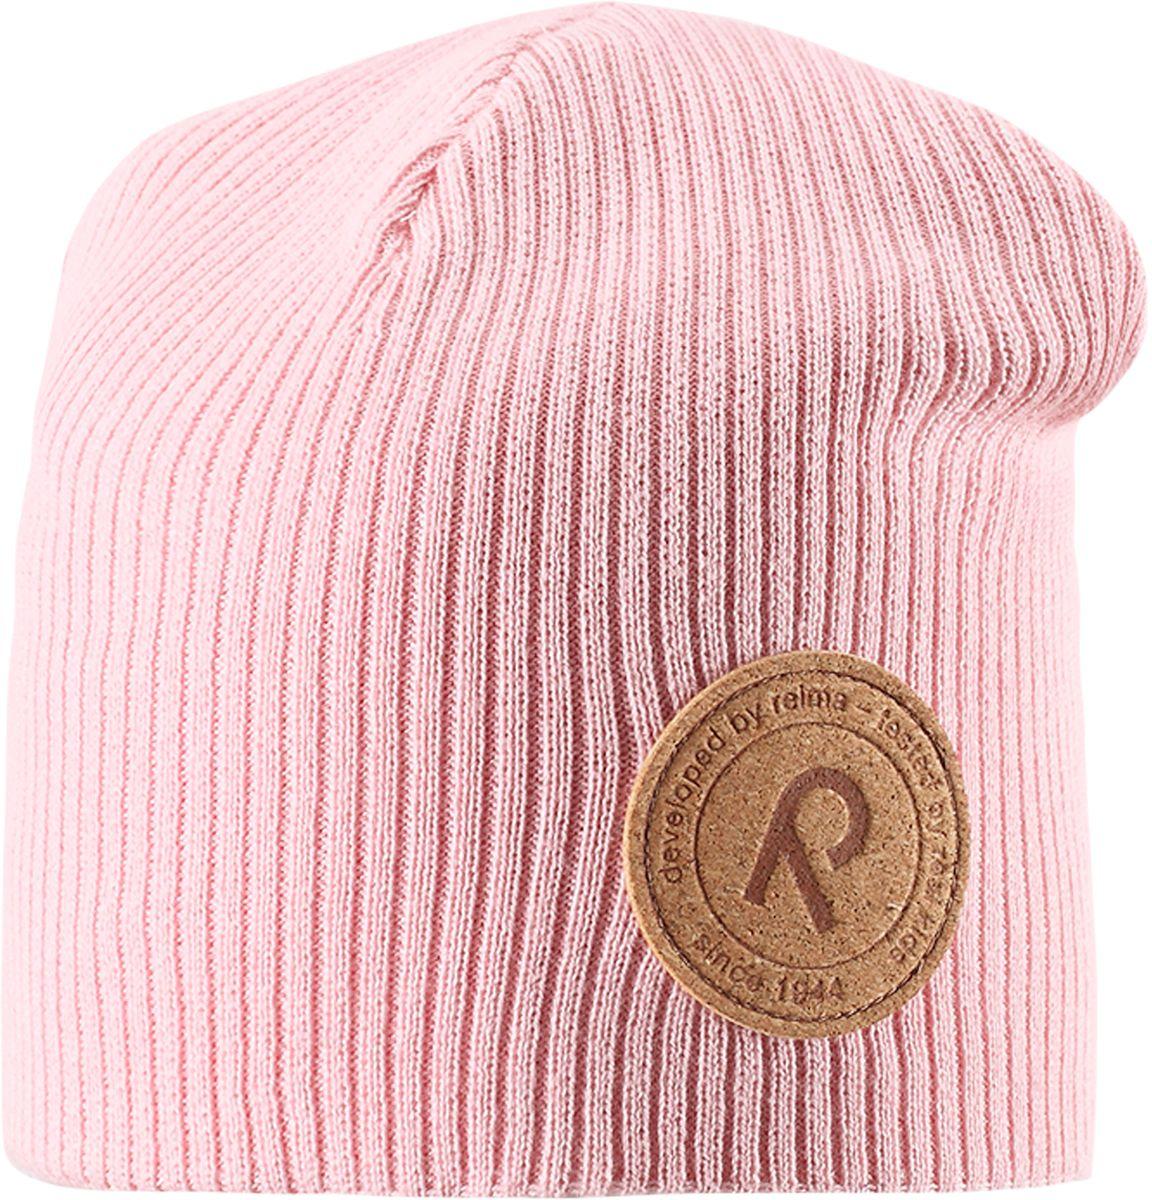 Шапка детская Reima Majakka, цвет: светло-розовый. 5285264010. Размер 525285264010Детская шапка прекрасно подойдет для весенней поры. Она изготовлена из эластичного и легкого вязаного хлопка, мягкого и приятного на ощупь. Материал сертифицирован по стандарту Oeko-Tex. Удлиненная модель с подкладкой. Шапка смотрится ярко и стильно то, что надо для прогулки!